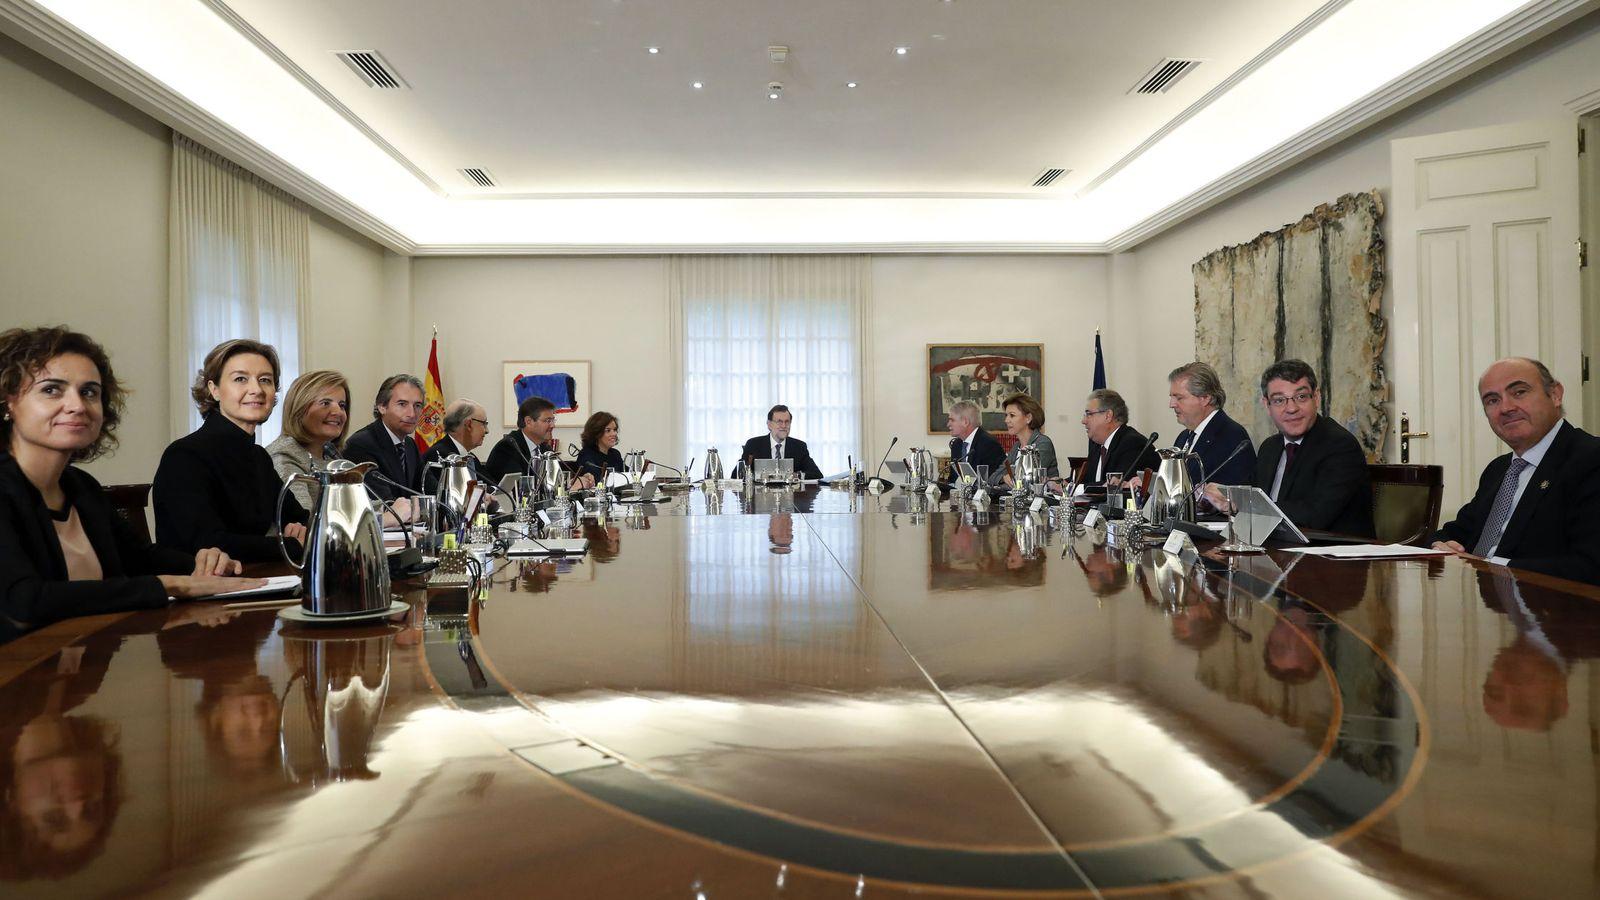 Foto: Reunión del Consejo de Ministros en el Palacio de la Moncloa. (EFE)